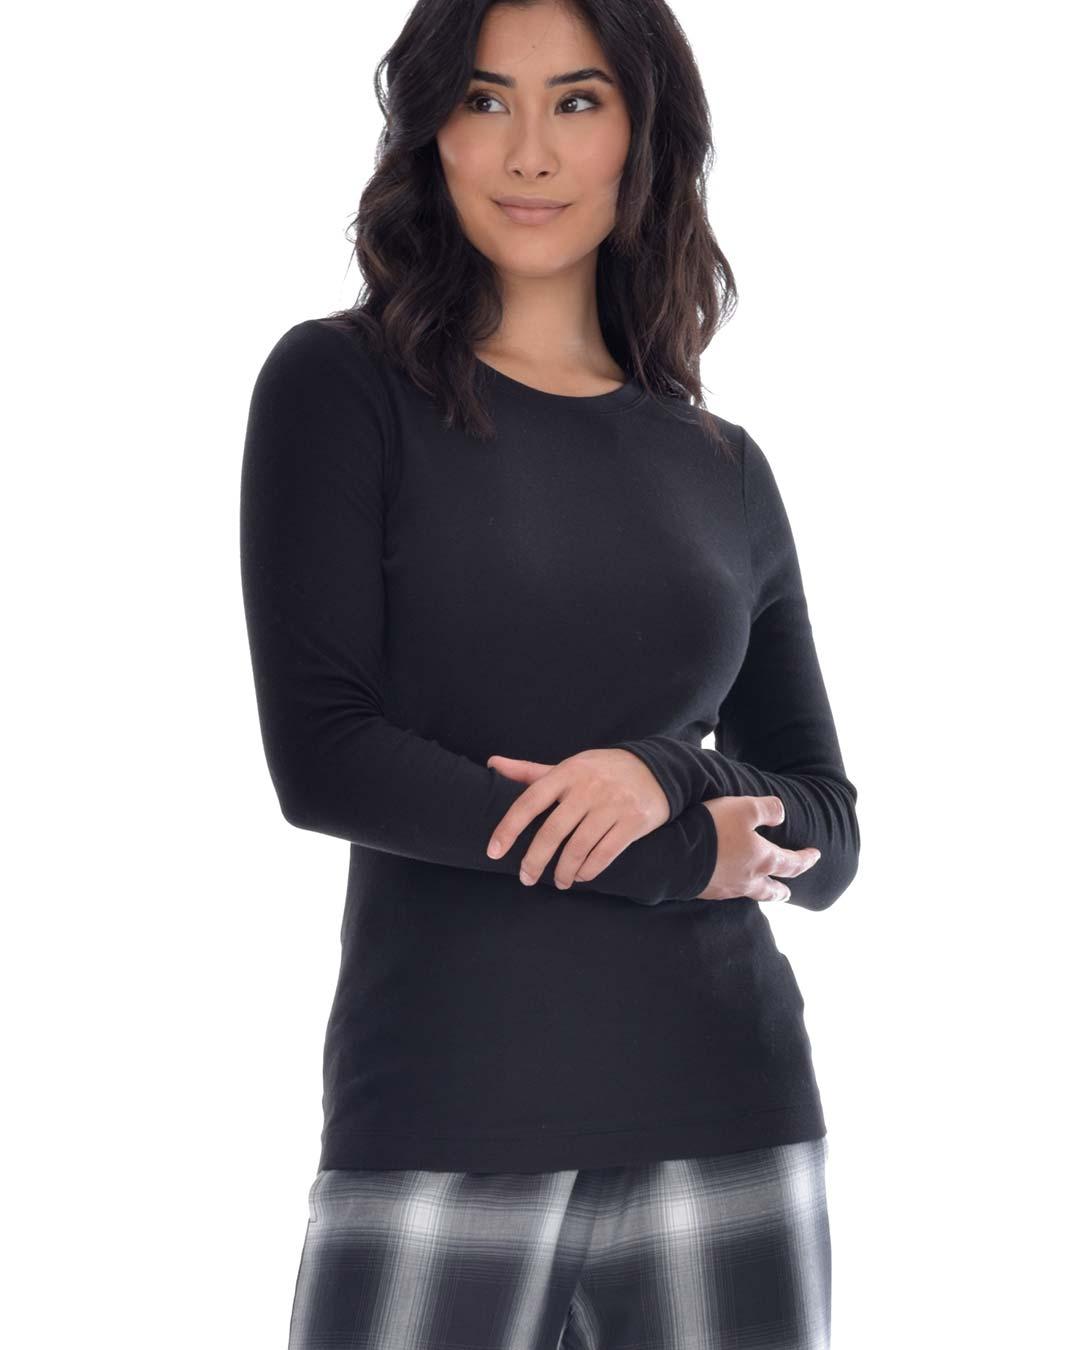 paper-label-lisa-ls-top-black-front-dianes-lingerie-vancouver-1080x1350